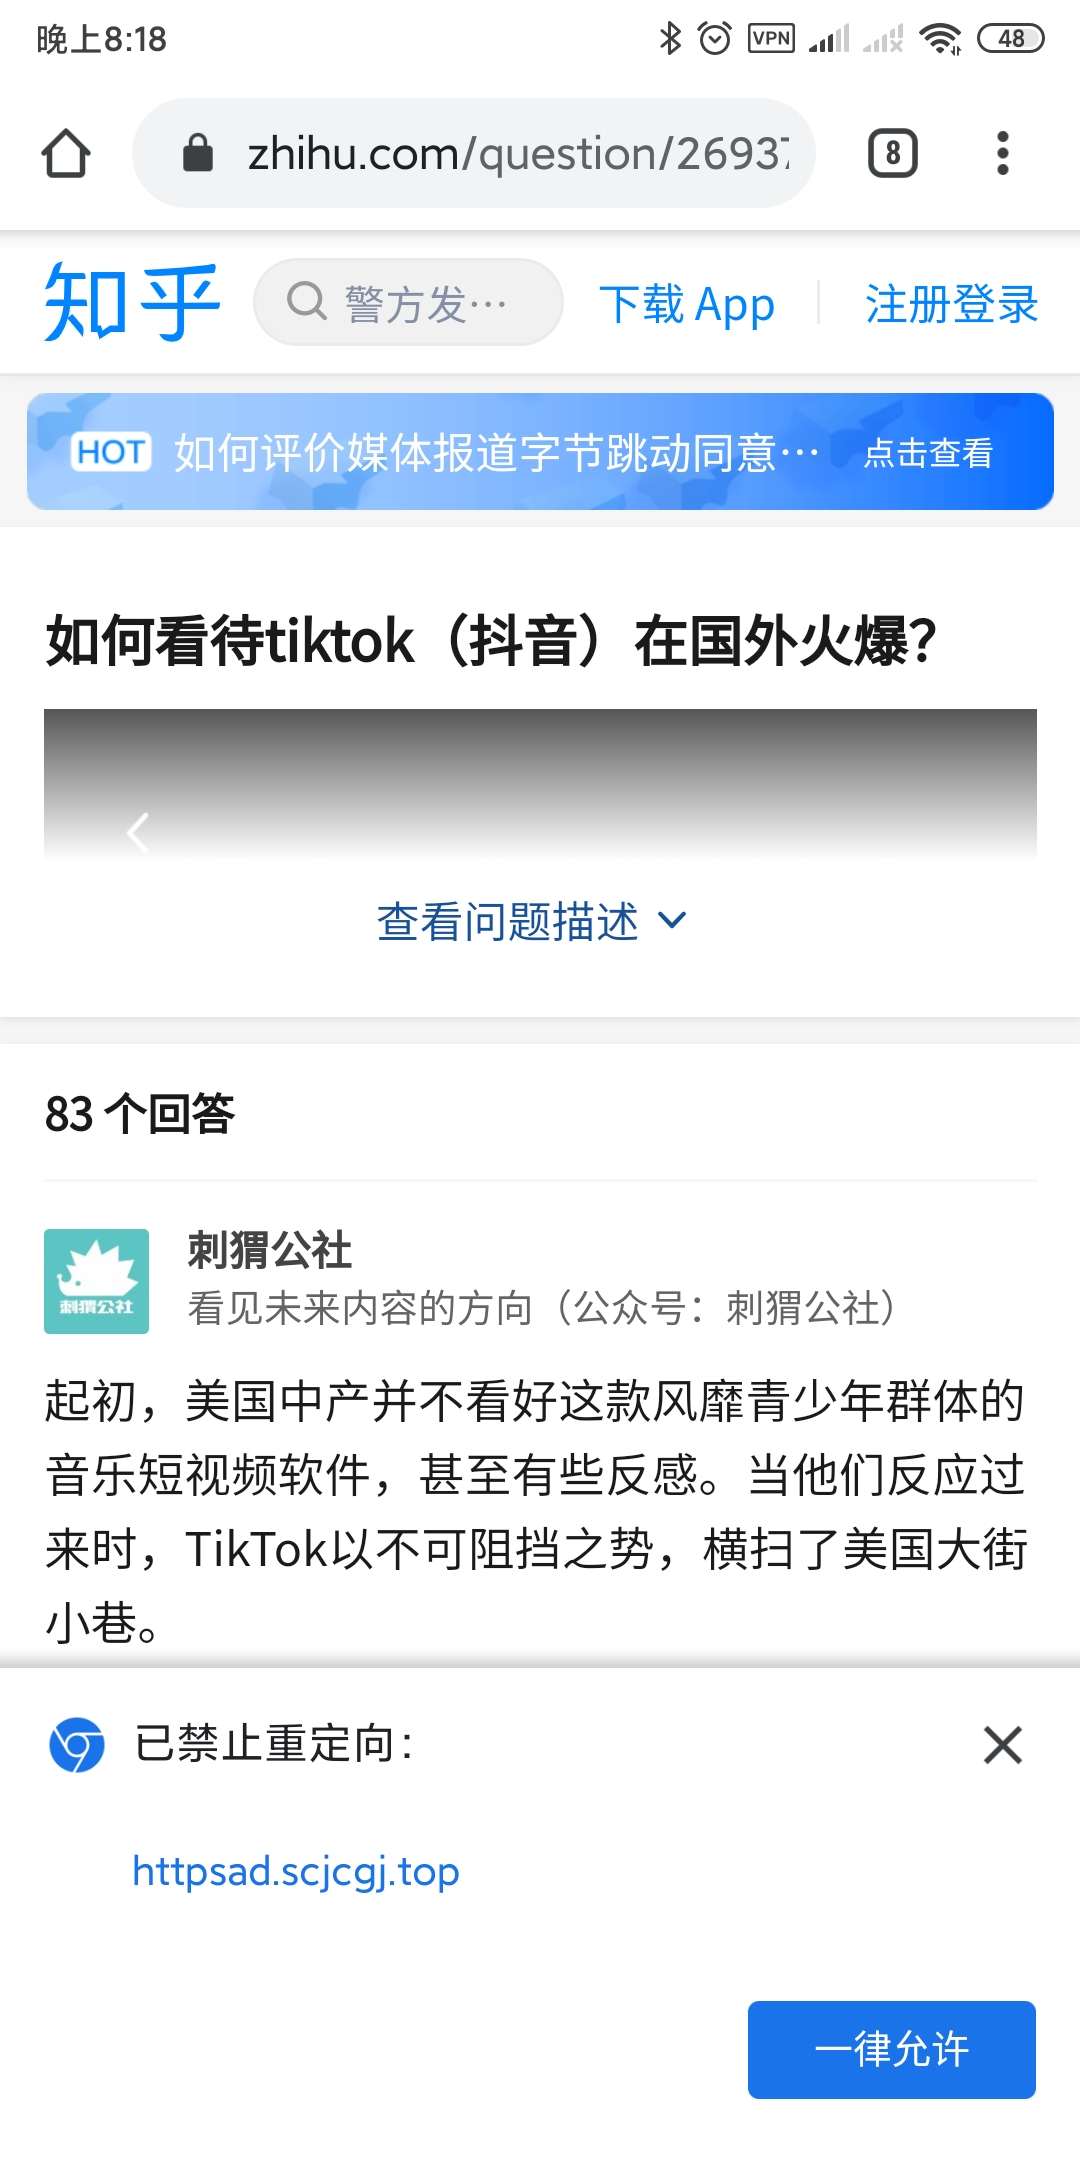 Screenshot_2020-08-02-20-18-53-807_com_android_chrome.jpg